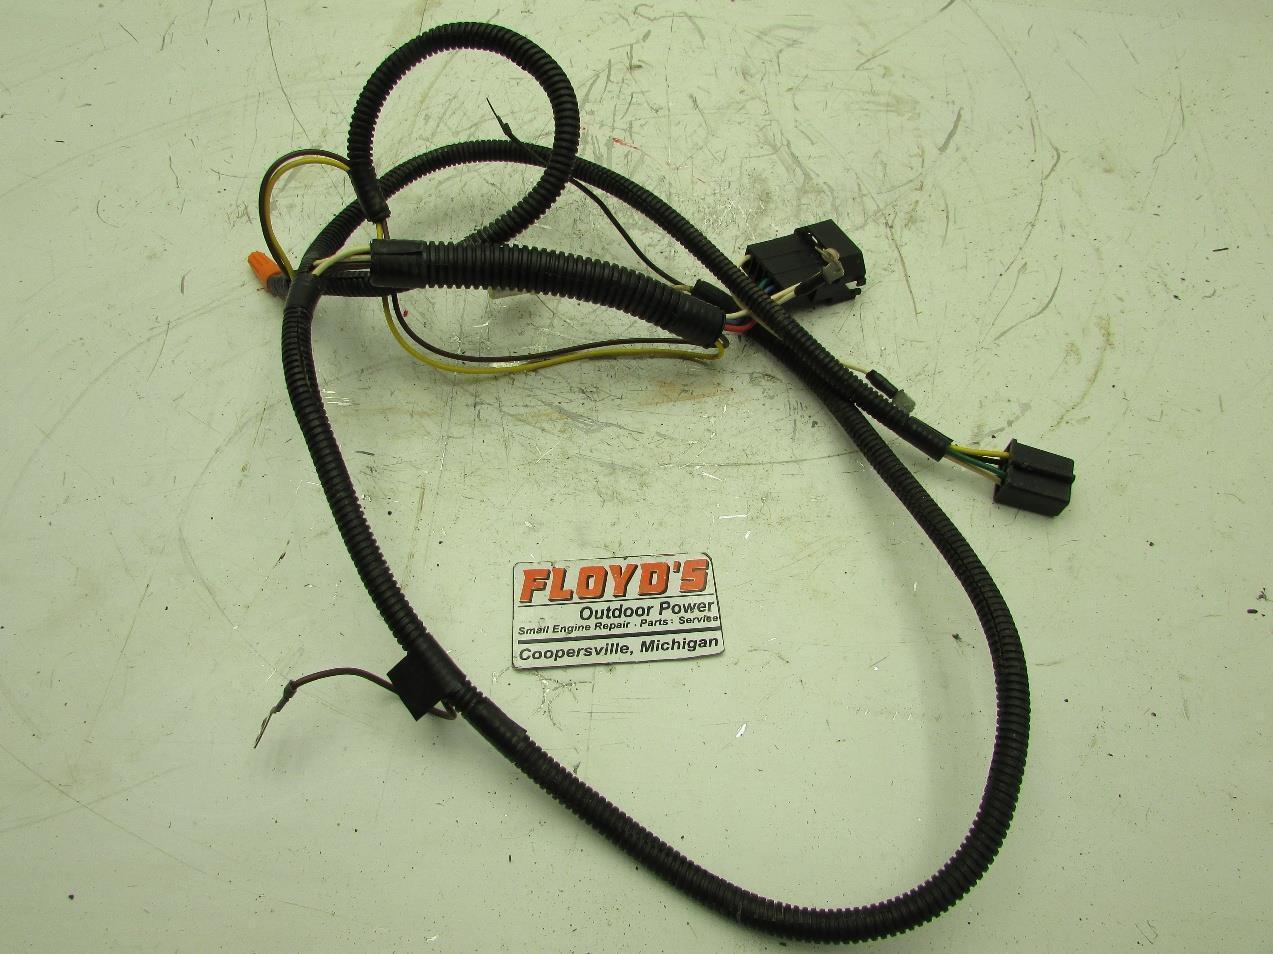 snapper mower wiring harness snapper sr1642 rear engine rider wiring harness 7028770yp ebay  rear engine rider wiring harness